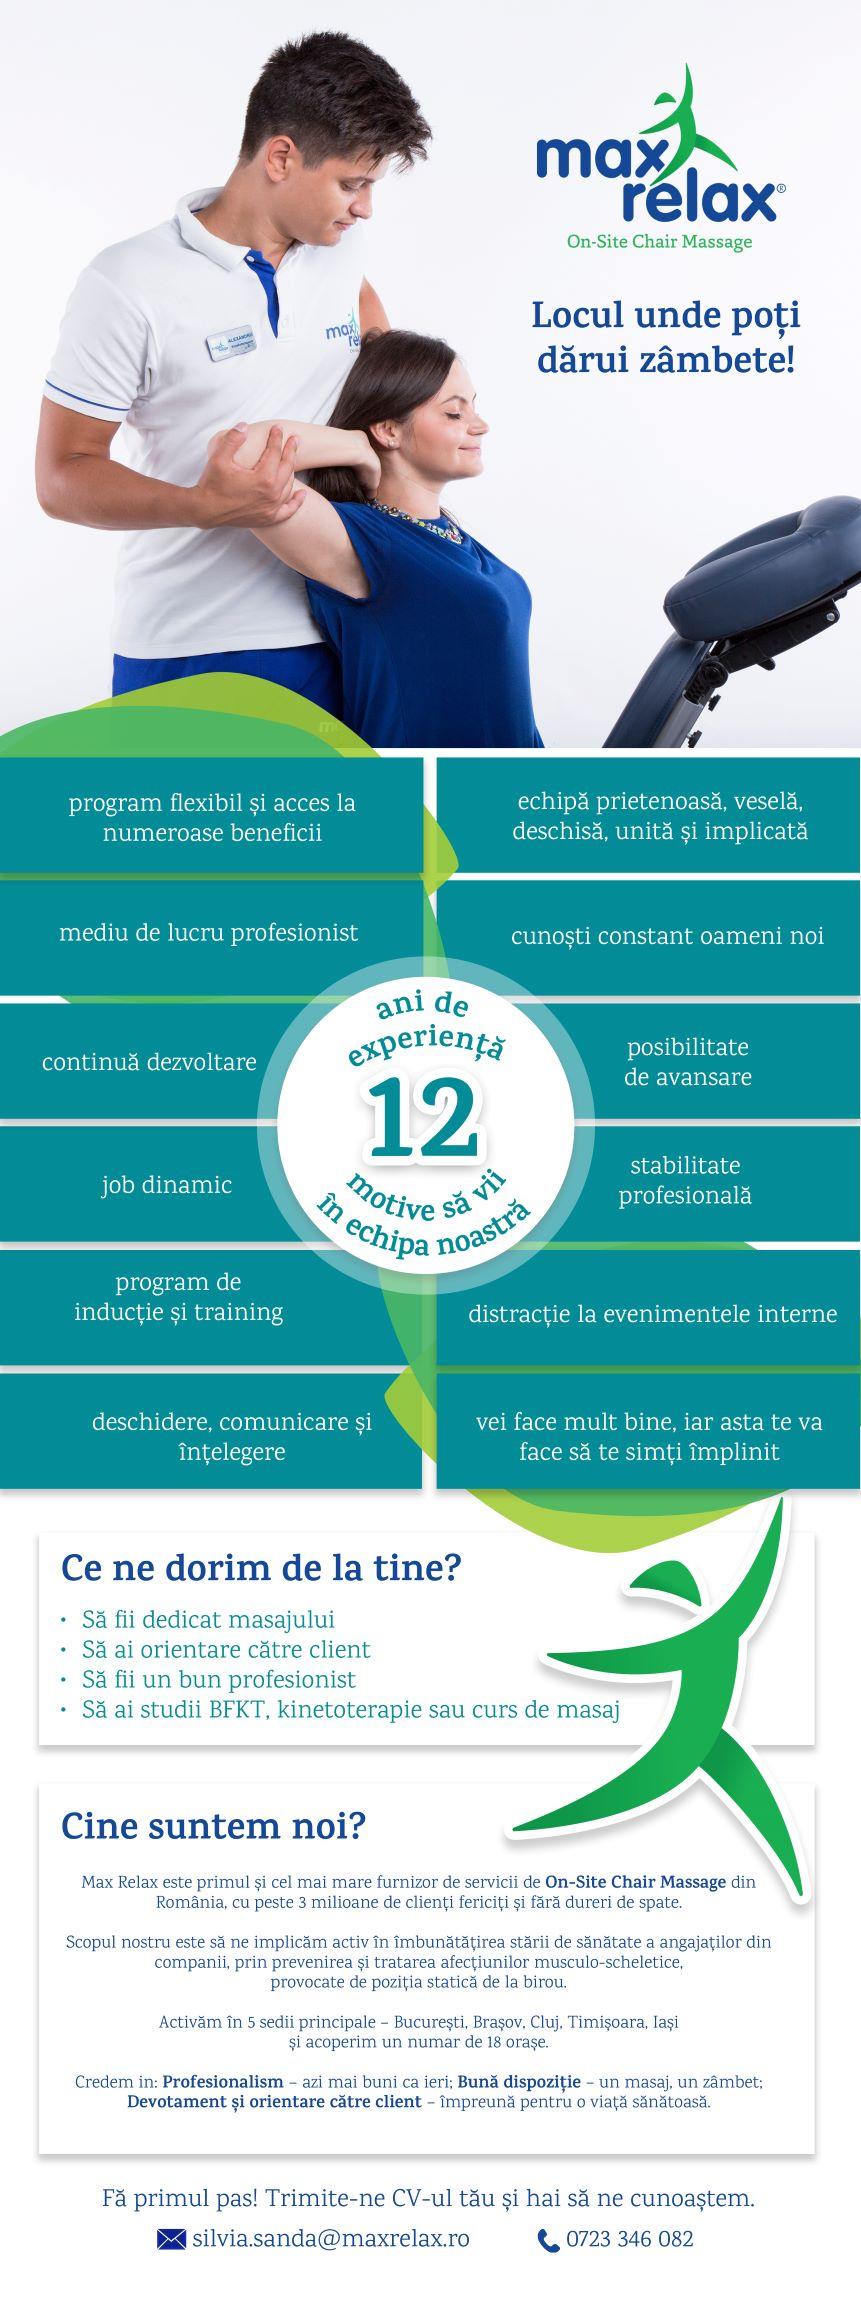 Max Relax este primul si cel mai mare furnizor de servicii de On-Site Chair Massage din Romania. Scopul nostru este sa ne implicam activ in imbunatatirea starii de sanatate a angajatilor din companii, prin prevenirea si tratarea afectiunilor musculo-scheletice, provocate de pozitia statica de la birou.Activam in 5 sedii principale – Bucuresti, Brasov, Cluj, Timisoara, Iasi - si acoperim un numar de 18 orase. In prezent echipa noastra numara peste 80 de terapeuti in sediile din Bucuresti si din tara. Suntem o echipa tanara, performanta, proactiva si unita in continua dezvoltare si perfectionare. Viziune: Max Relax este liderul serviciului On-Site Chair Massage la nivel mondial, cu mii de clienti și milioane de oameni fericiti. Misiune: Max Relax ofera companiilor cea mai simpla si accesibila metoda de reducere a stresului si de prevenire a bolilor profesionale, fiind aliatul principal în cresterea productivitatii fiecarui angajat in parte. Valori: Profesionalism – azi mai buni ca ieri Buna dispozitie – un masaj, un zambet Devotament si orientare catre client – împreuna pentru o viata sanatoasa